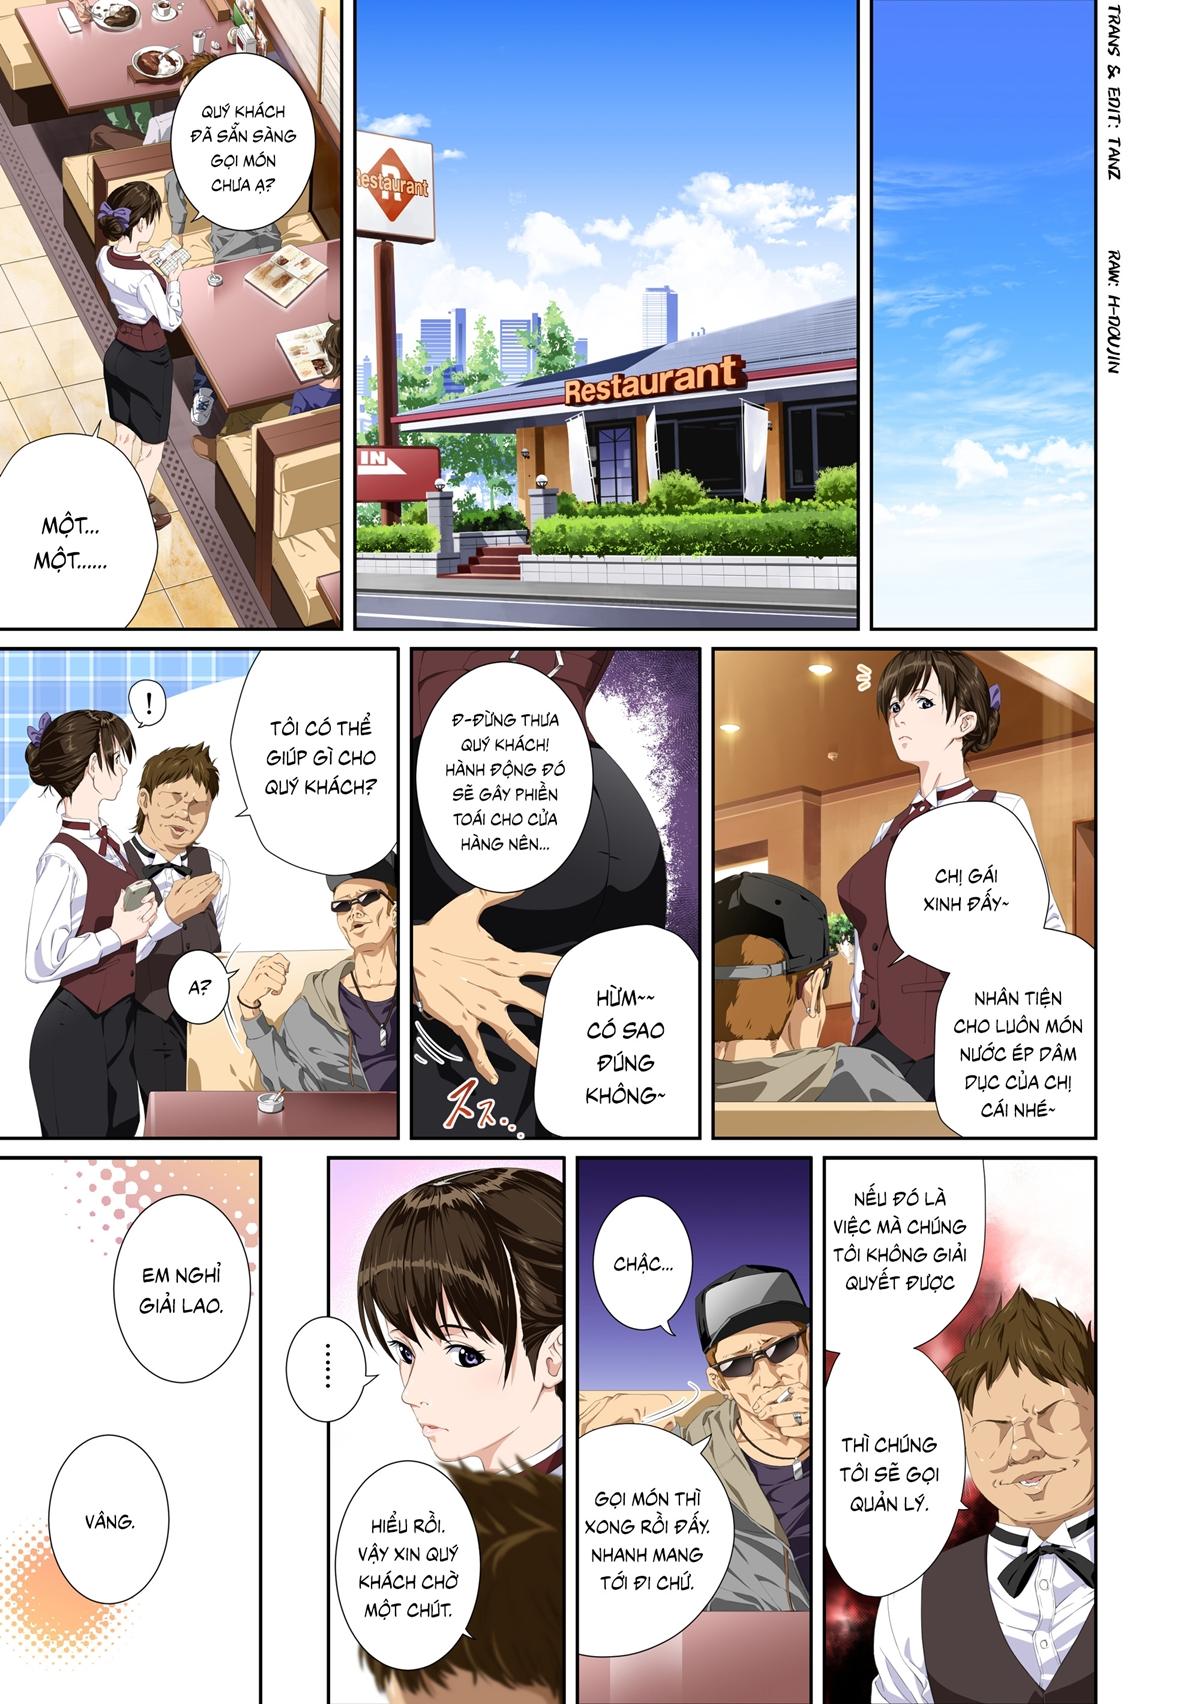 Truyện tranh sex địt em mỹ nhân trường học - Chap 1 - Truyện Hentai